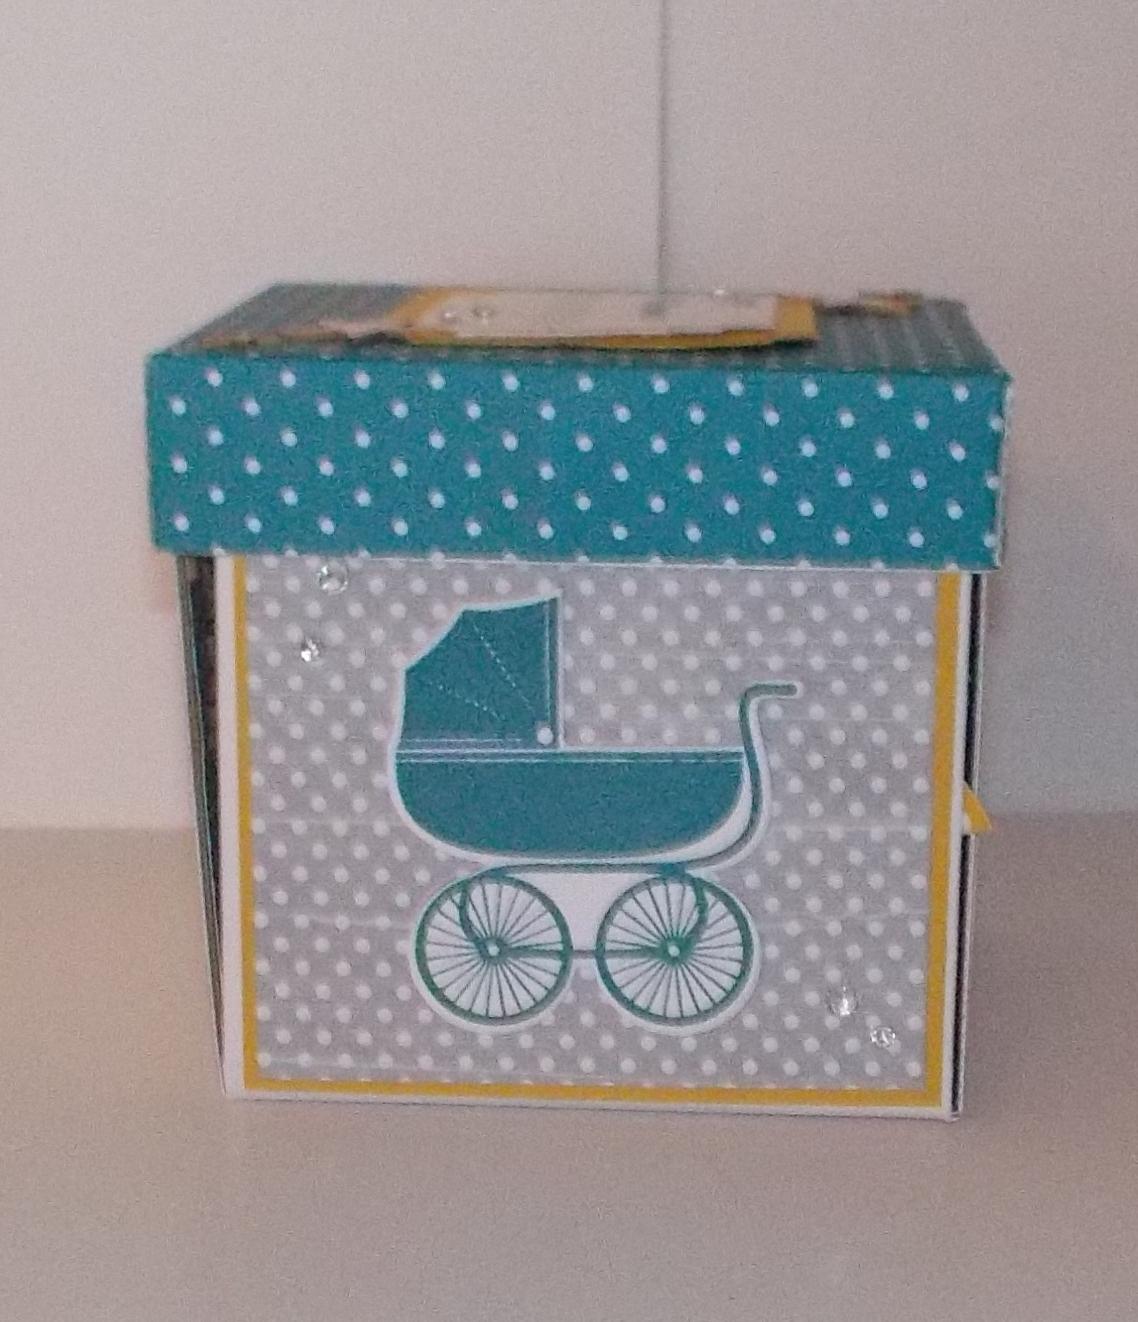 explosionsbox f r ein baby kleine stempelmiez basteln aus liebe. Black Bedroom Furniture Sets. Home Design Ideas